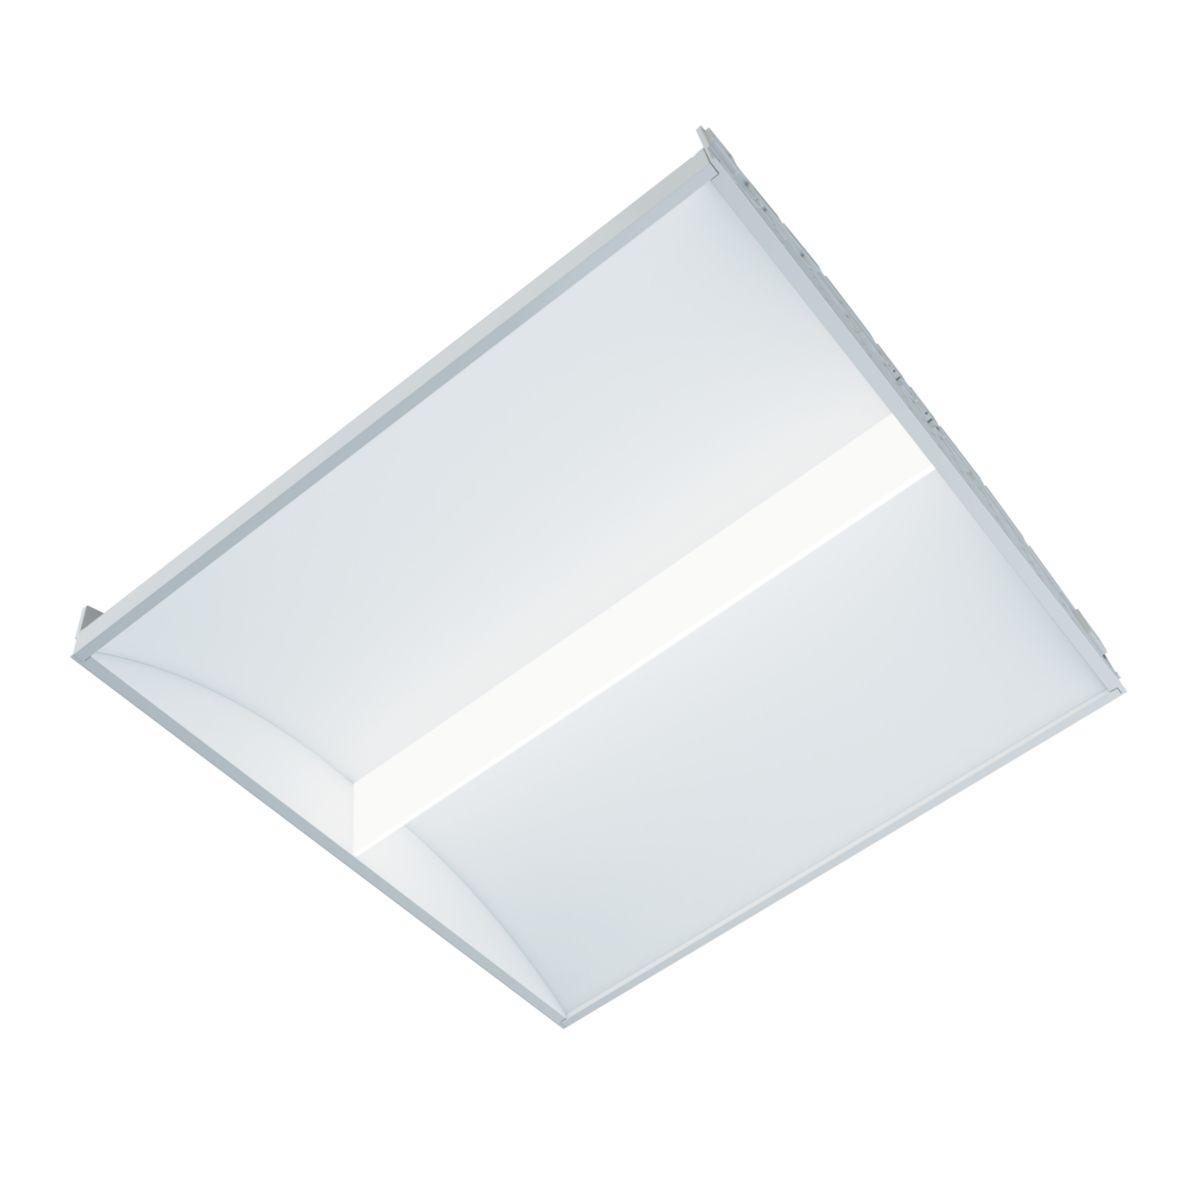 SkyRidge LED Series